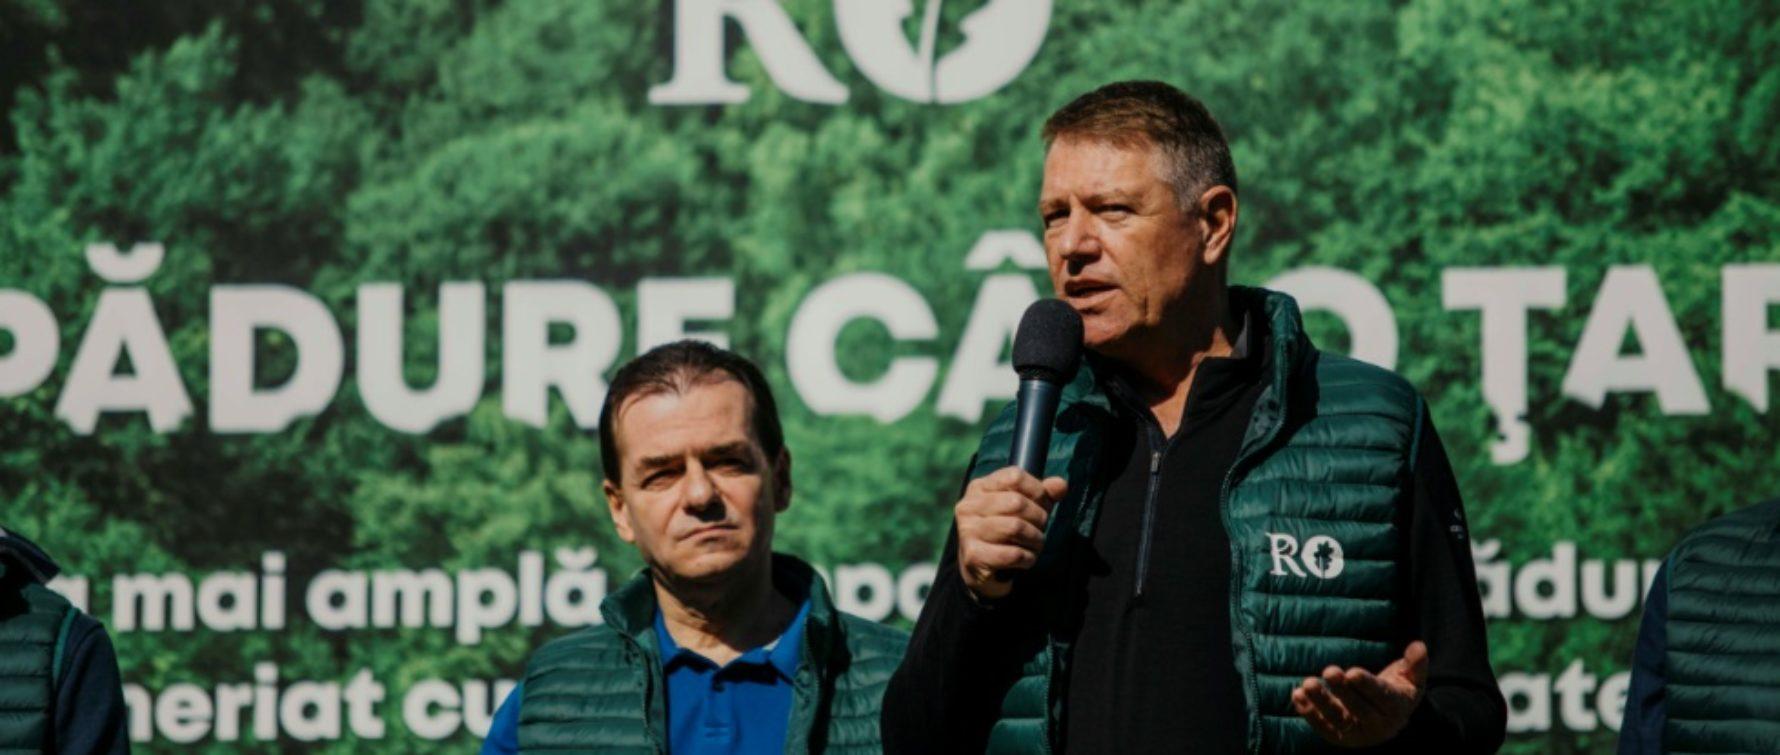 Iohannis: Este nevoie de mai multă pădure în România